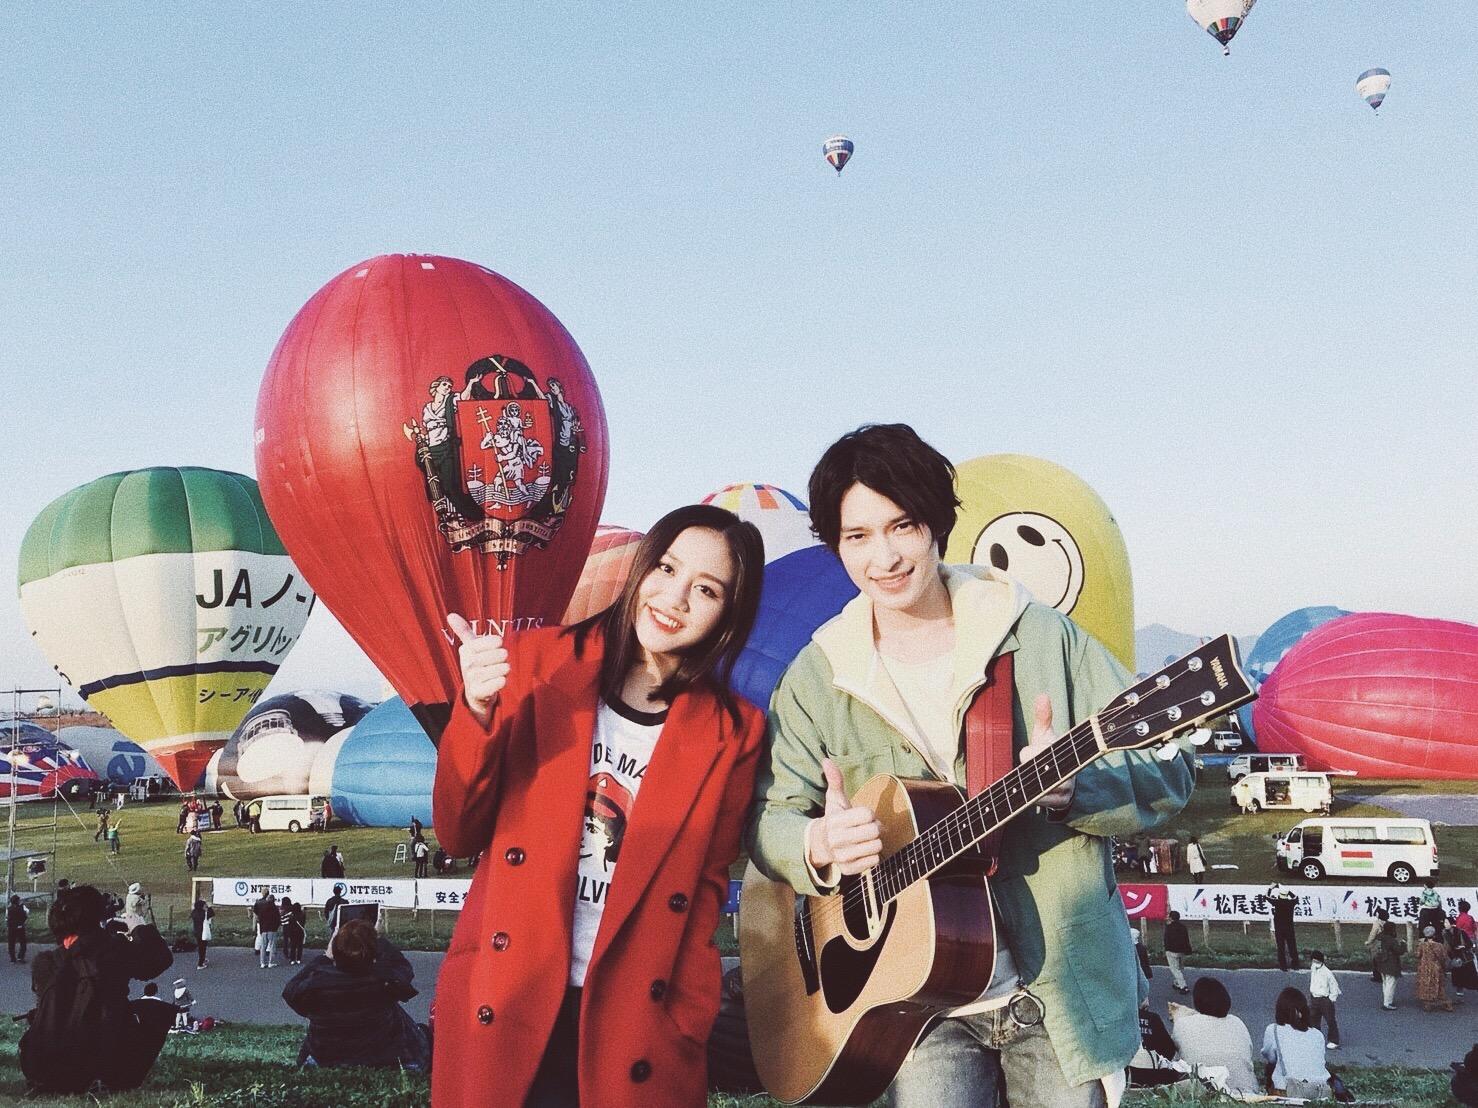 """Khám phá Osaka tuyệt đẹp qua MV """"Never Worry"""" của Văn Mai Hương - Ảnh 11."""